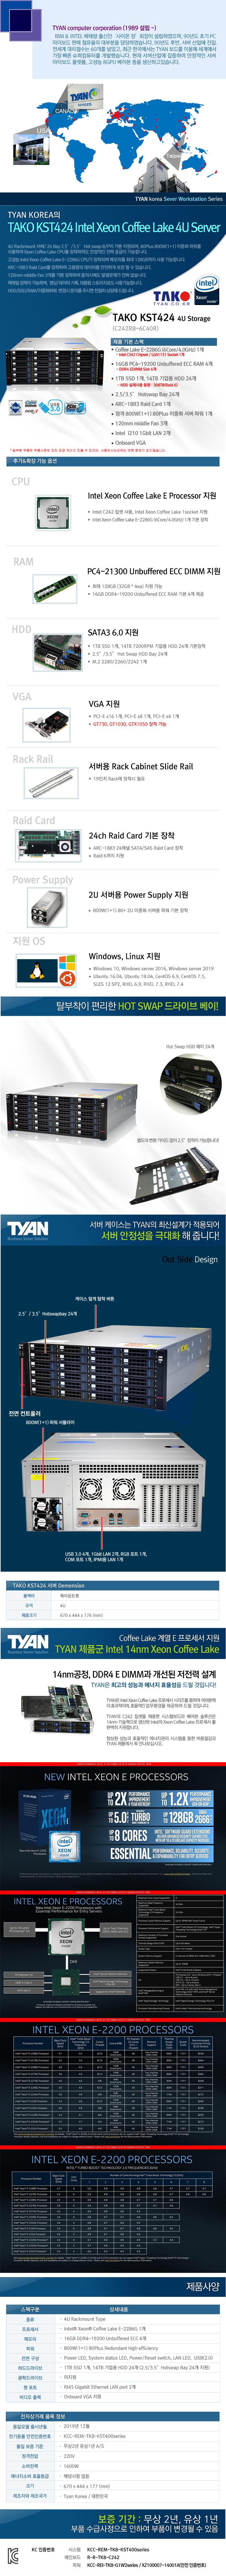 TYAN TAKO-KST424-(C242R8-6C40R) (64GB, SSD 1TB + 308TB)